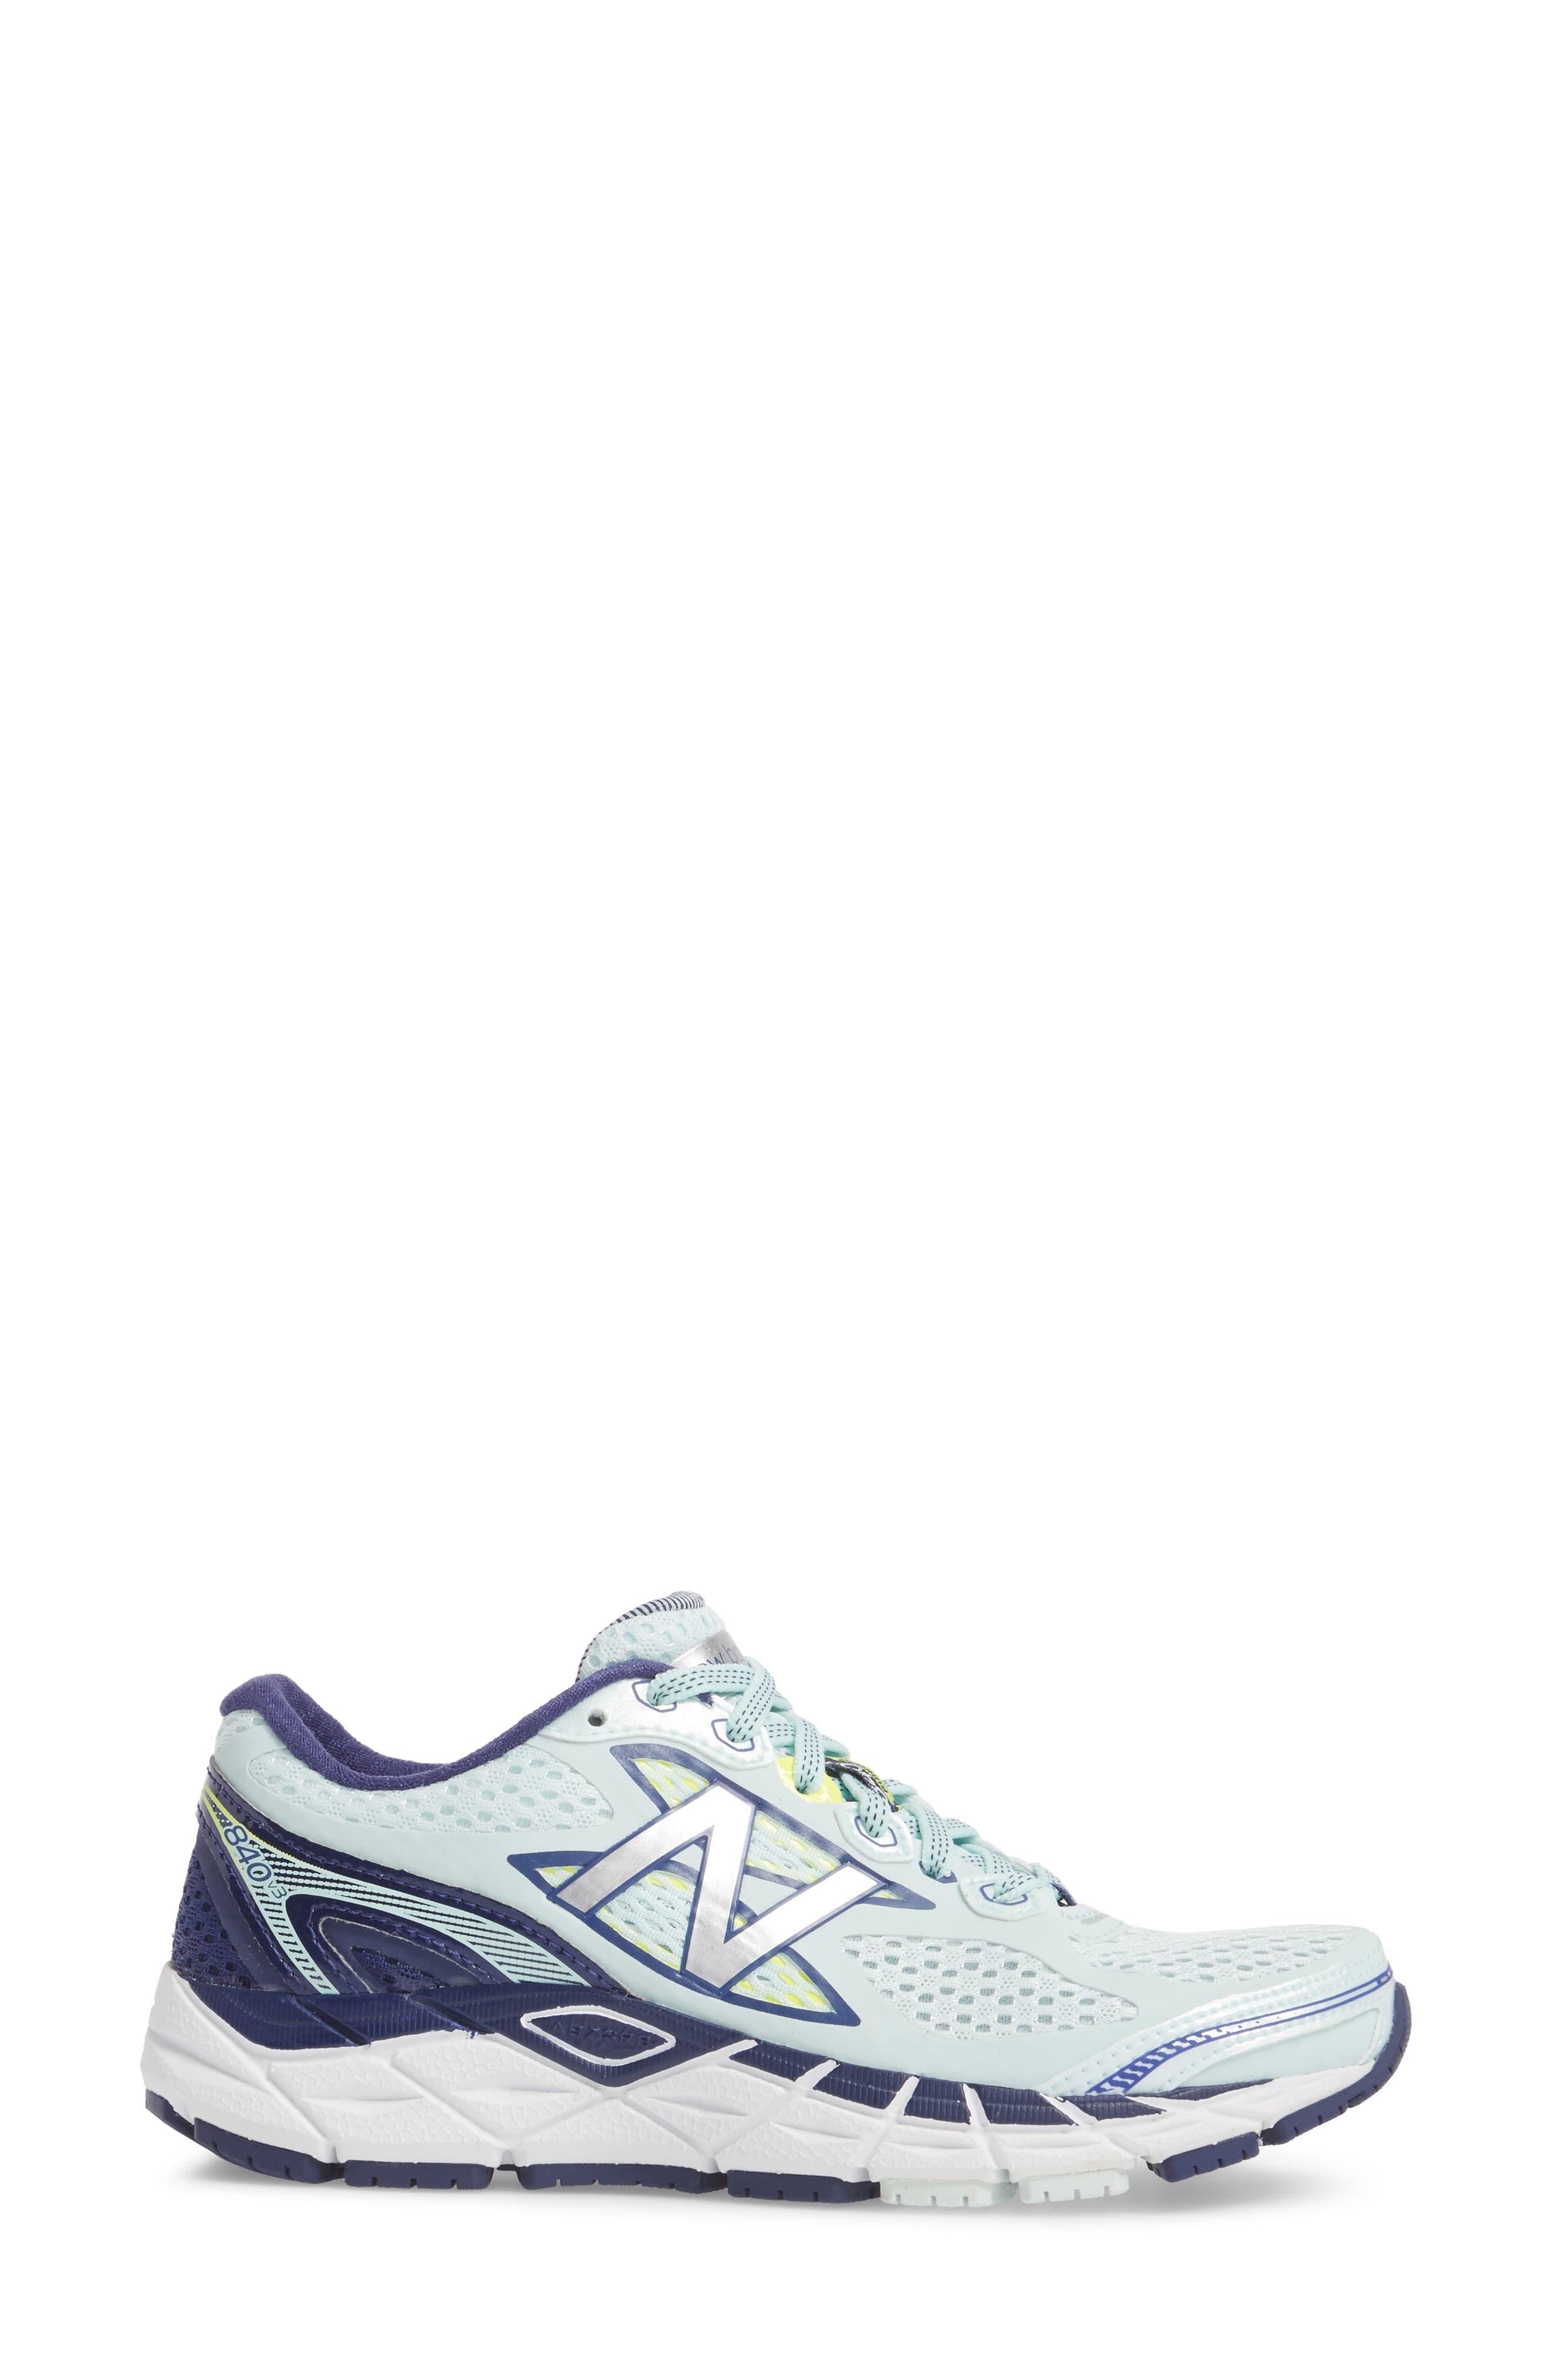 '840v3' Running Shoe,                             Alternate thumbnail 3, color,                             487